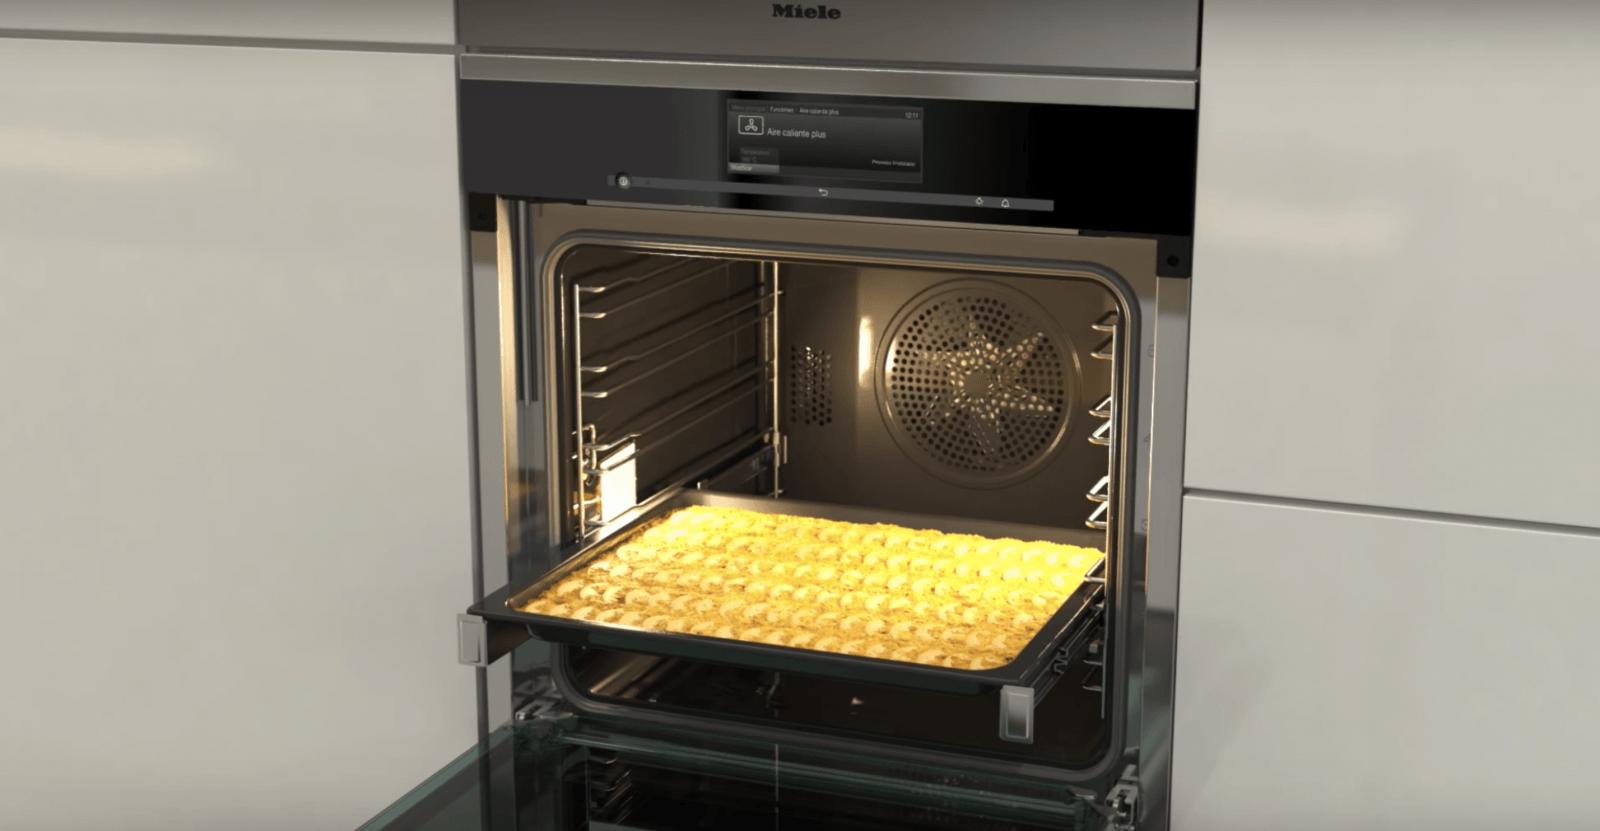 Miele_electrodomésticos-premium_Household-Appliances_Función-Crisp